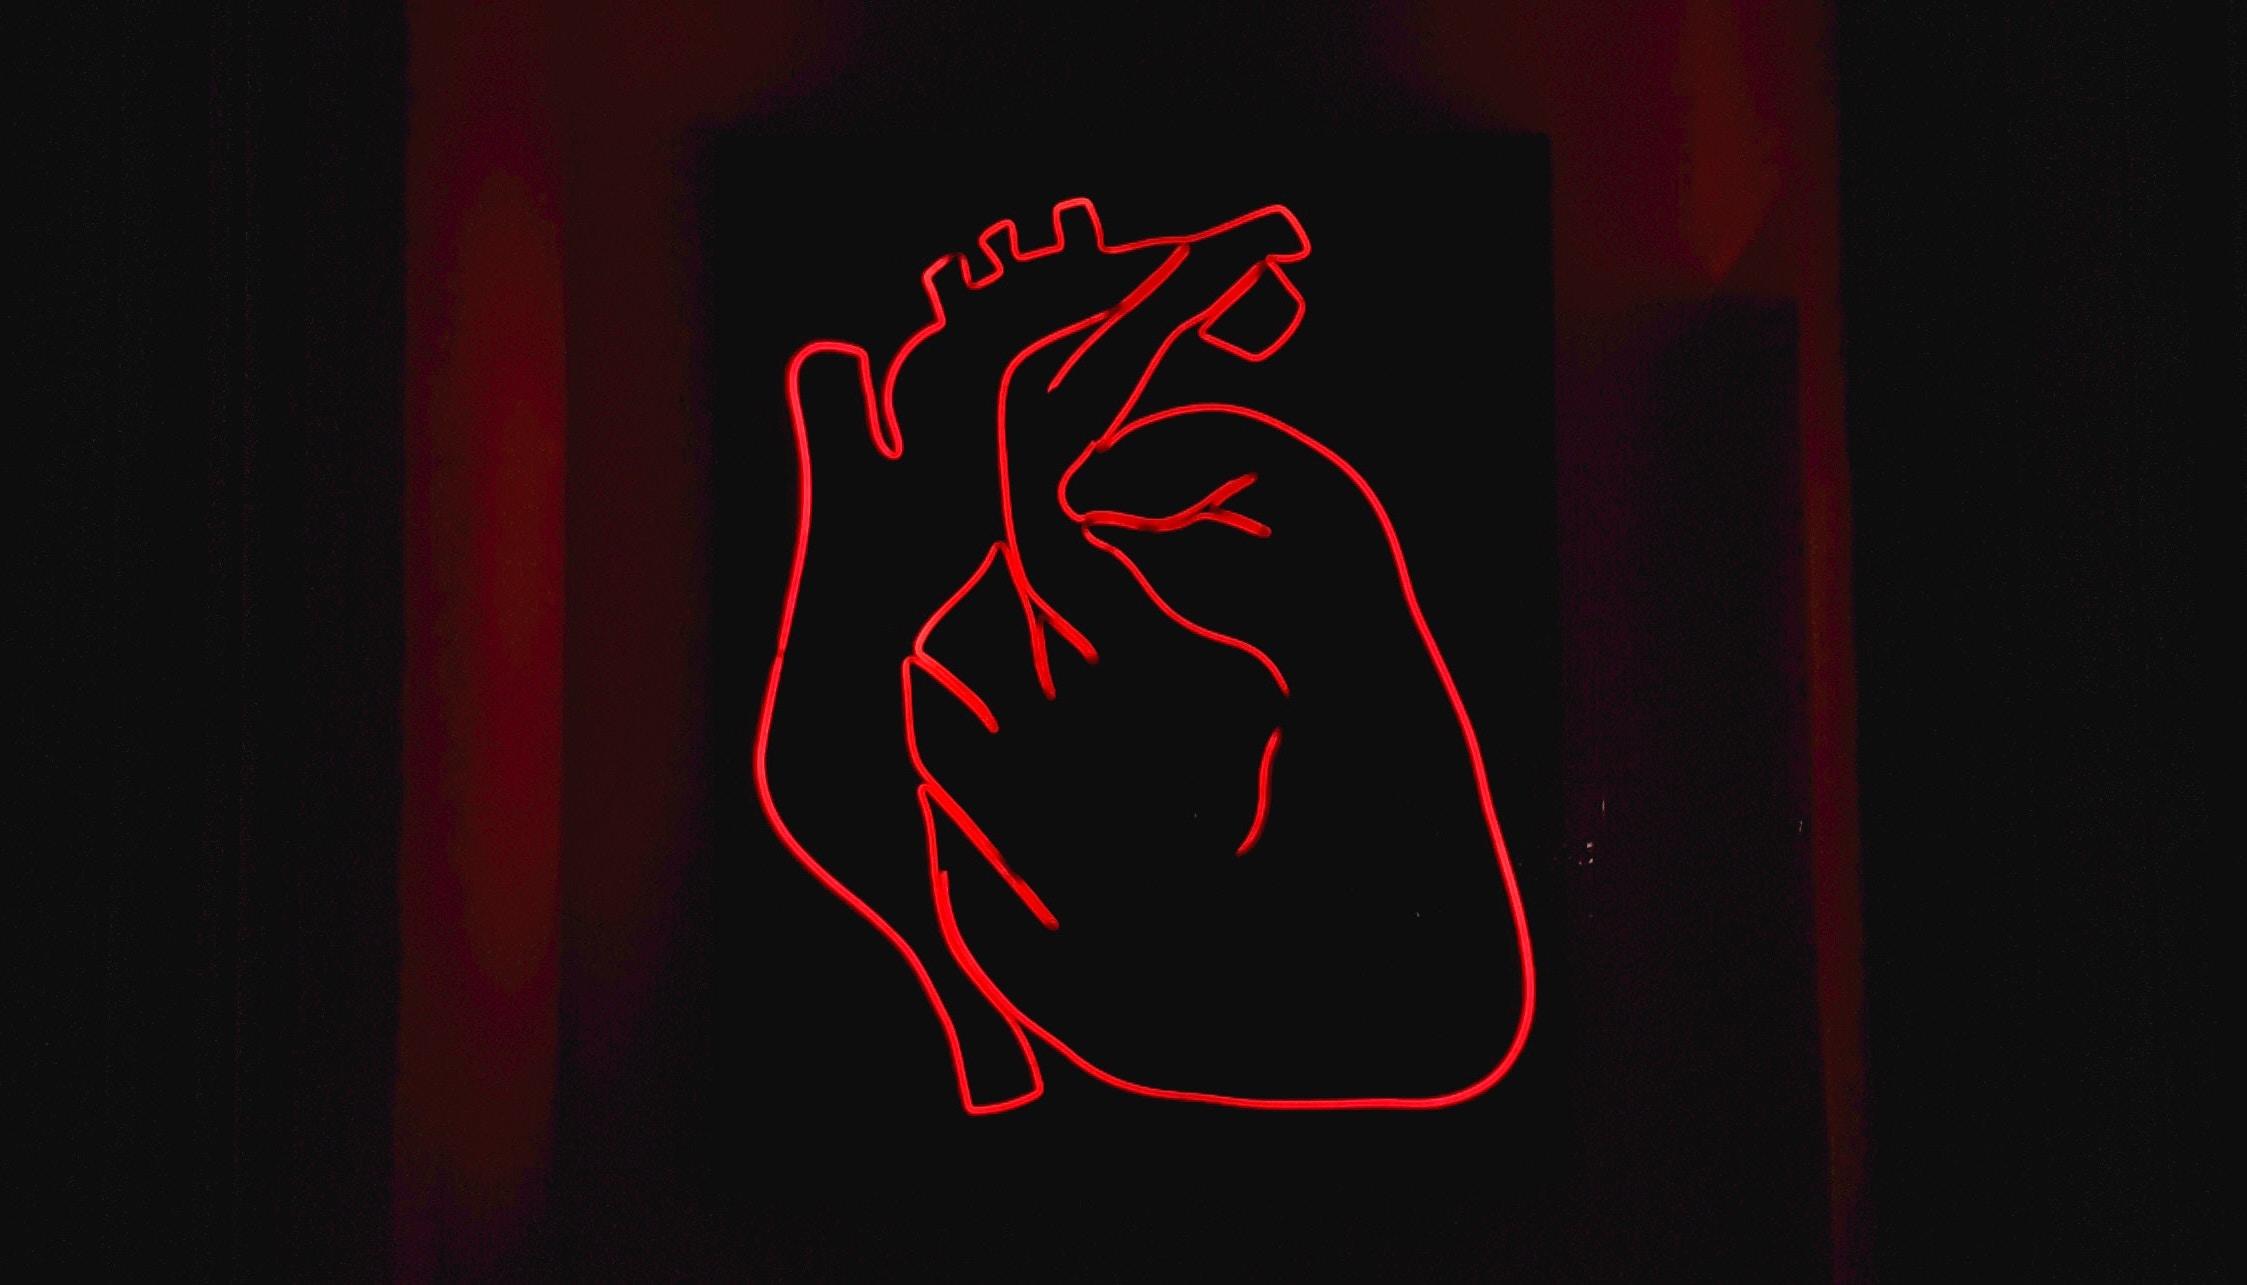 心臟病為本港第三號殺手 通波仔要幾錢?